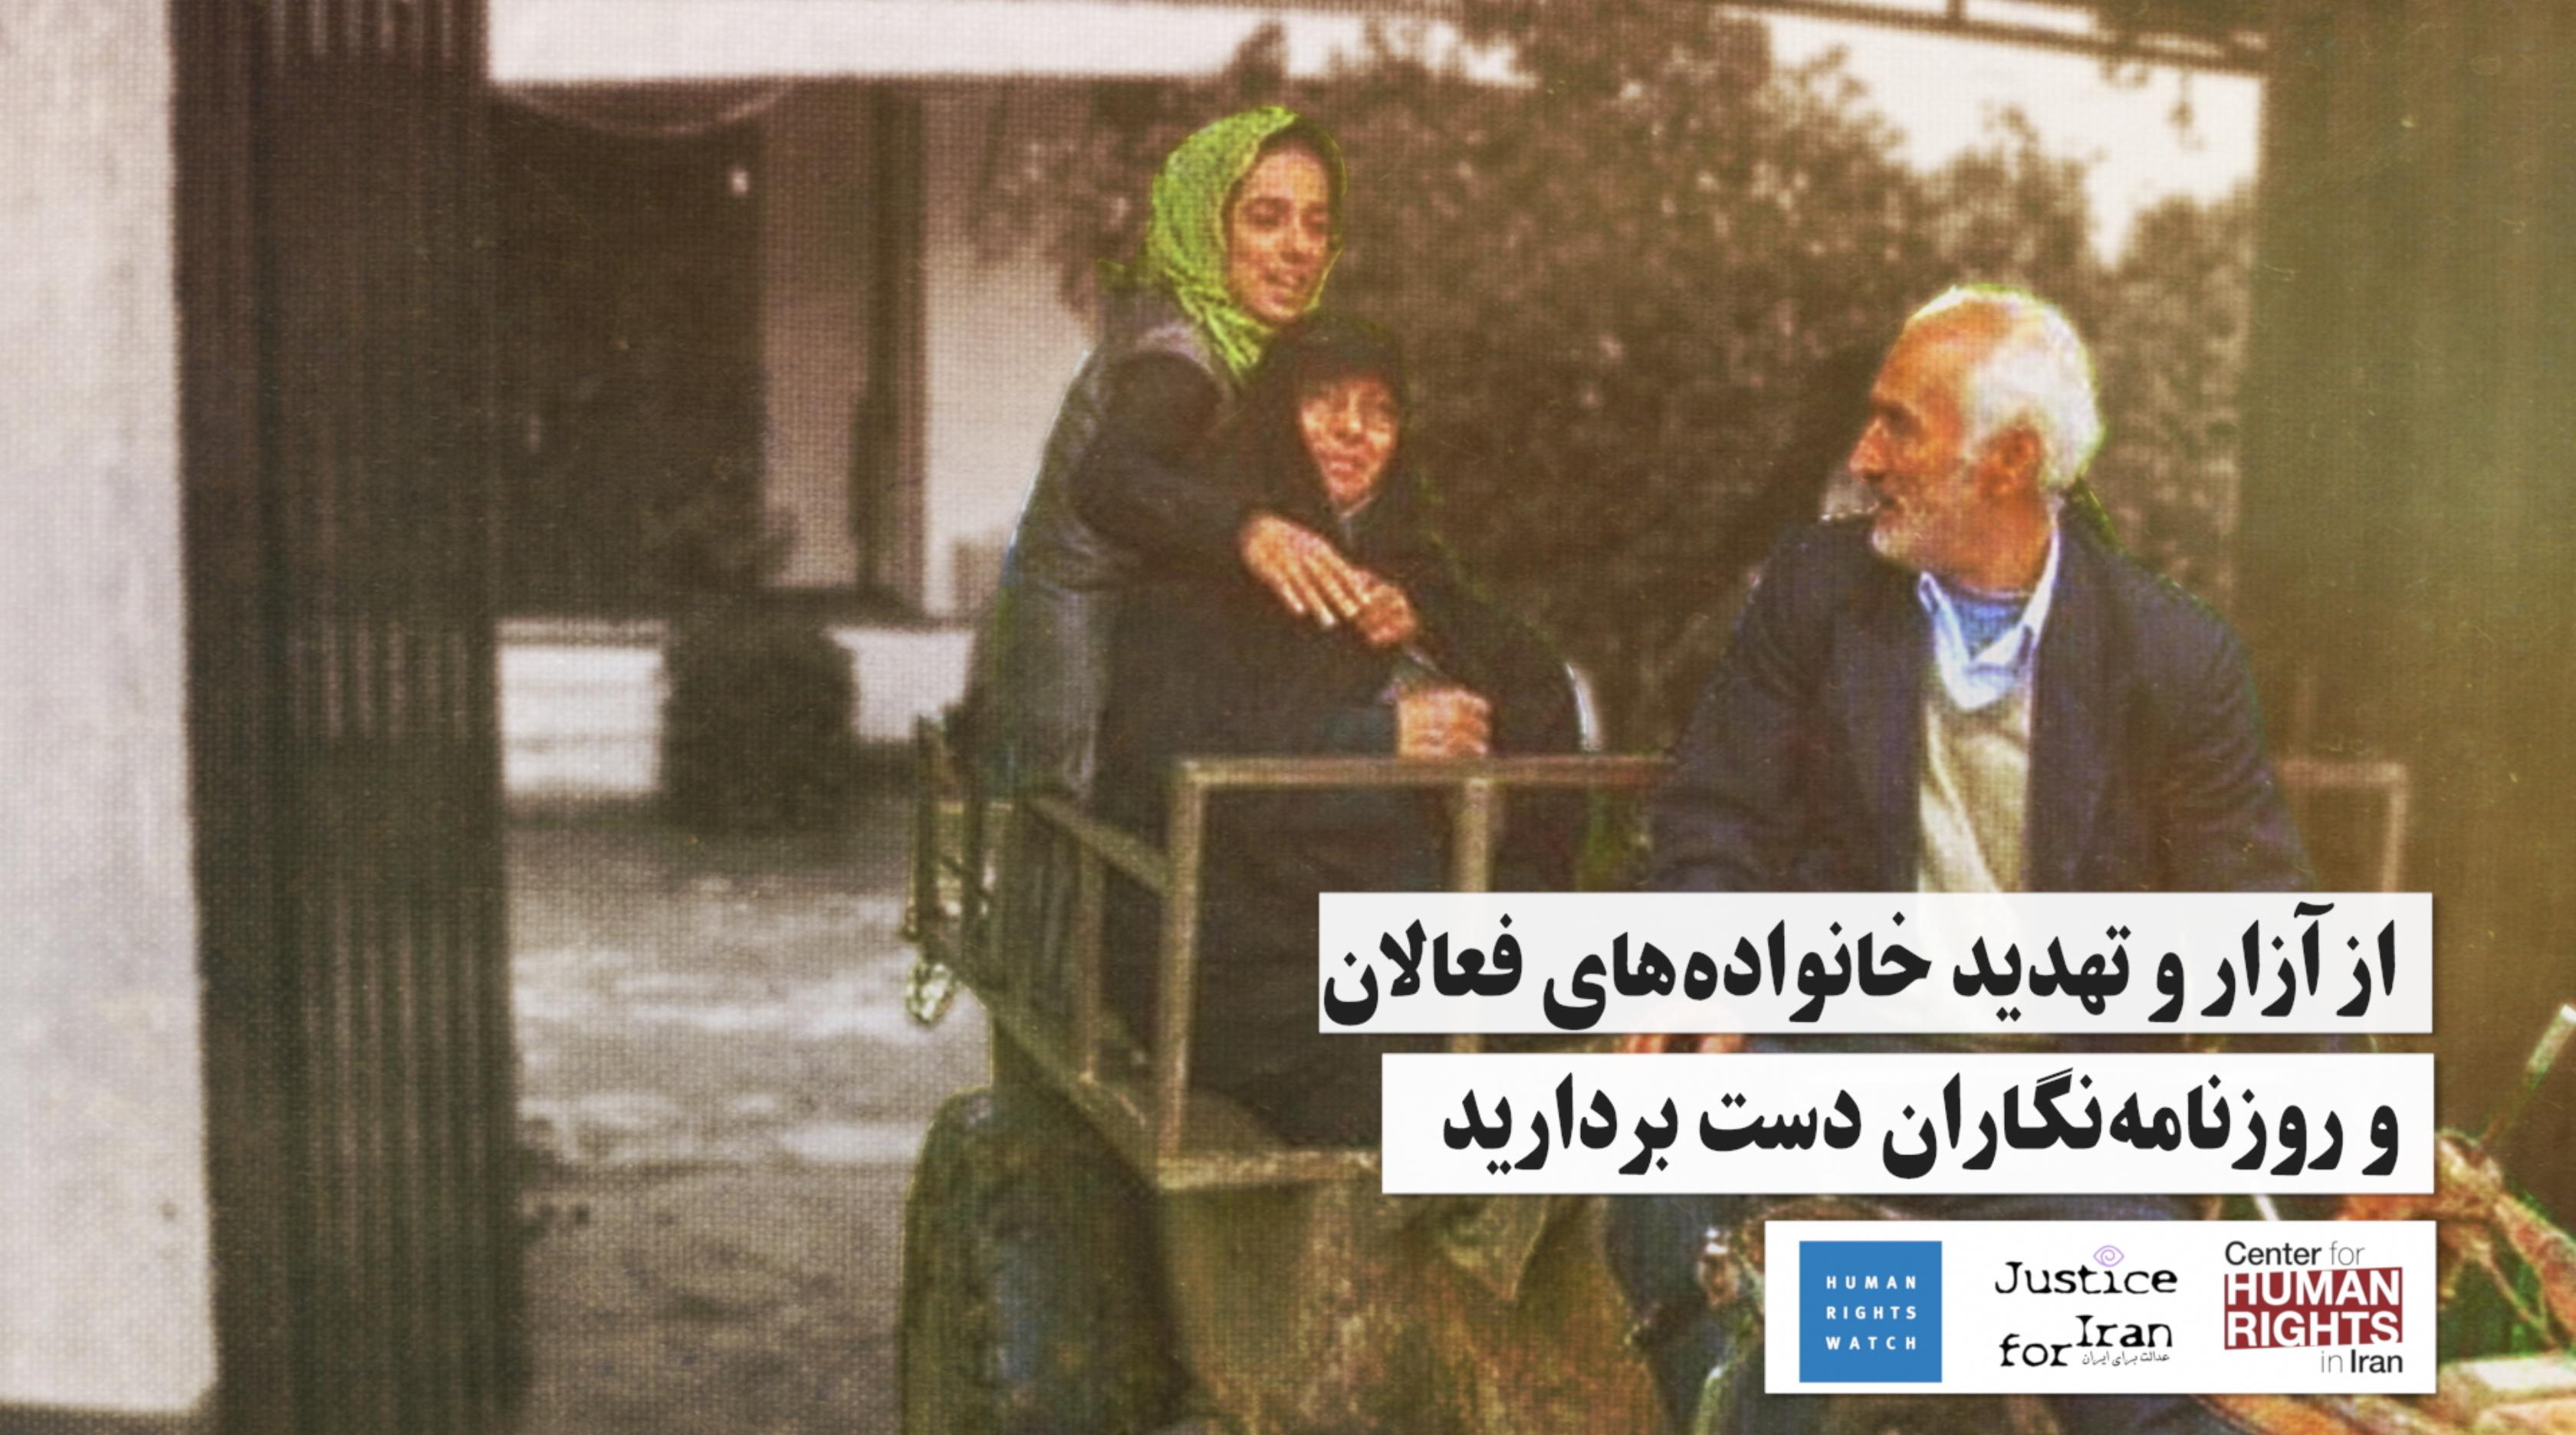 از آزار و تهدید خانوادههای فعالان و روزنامهنگارها دست بردارید